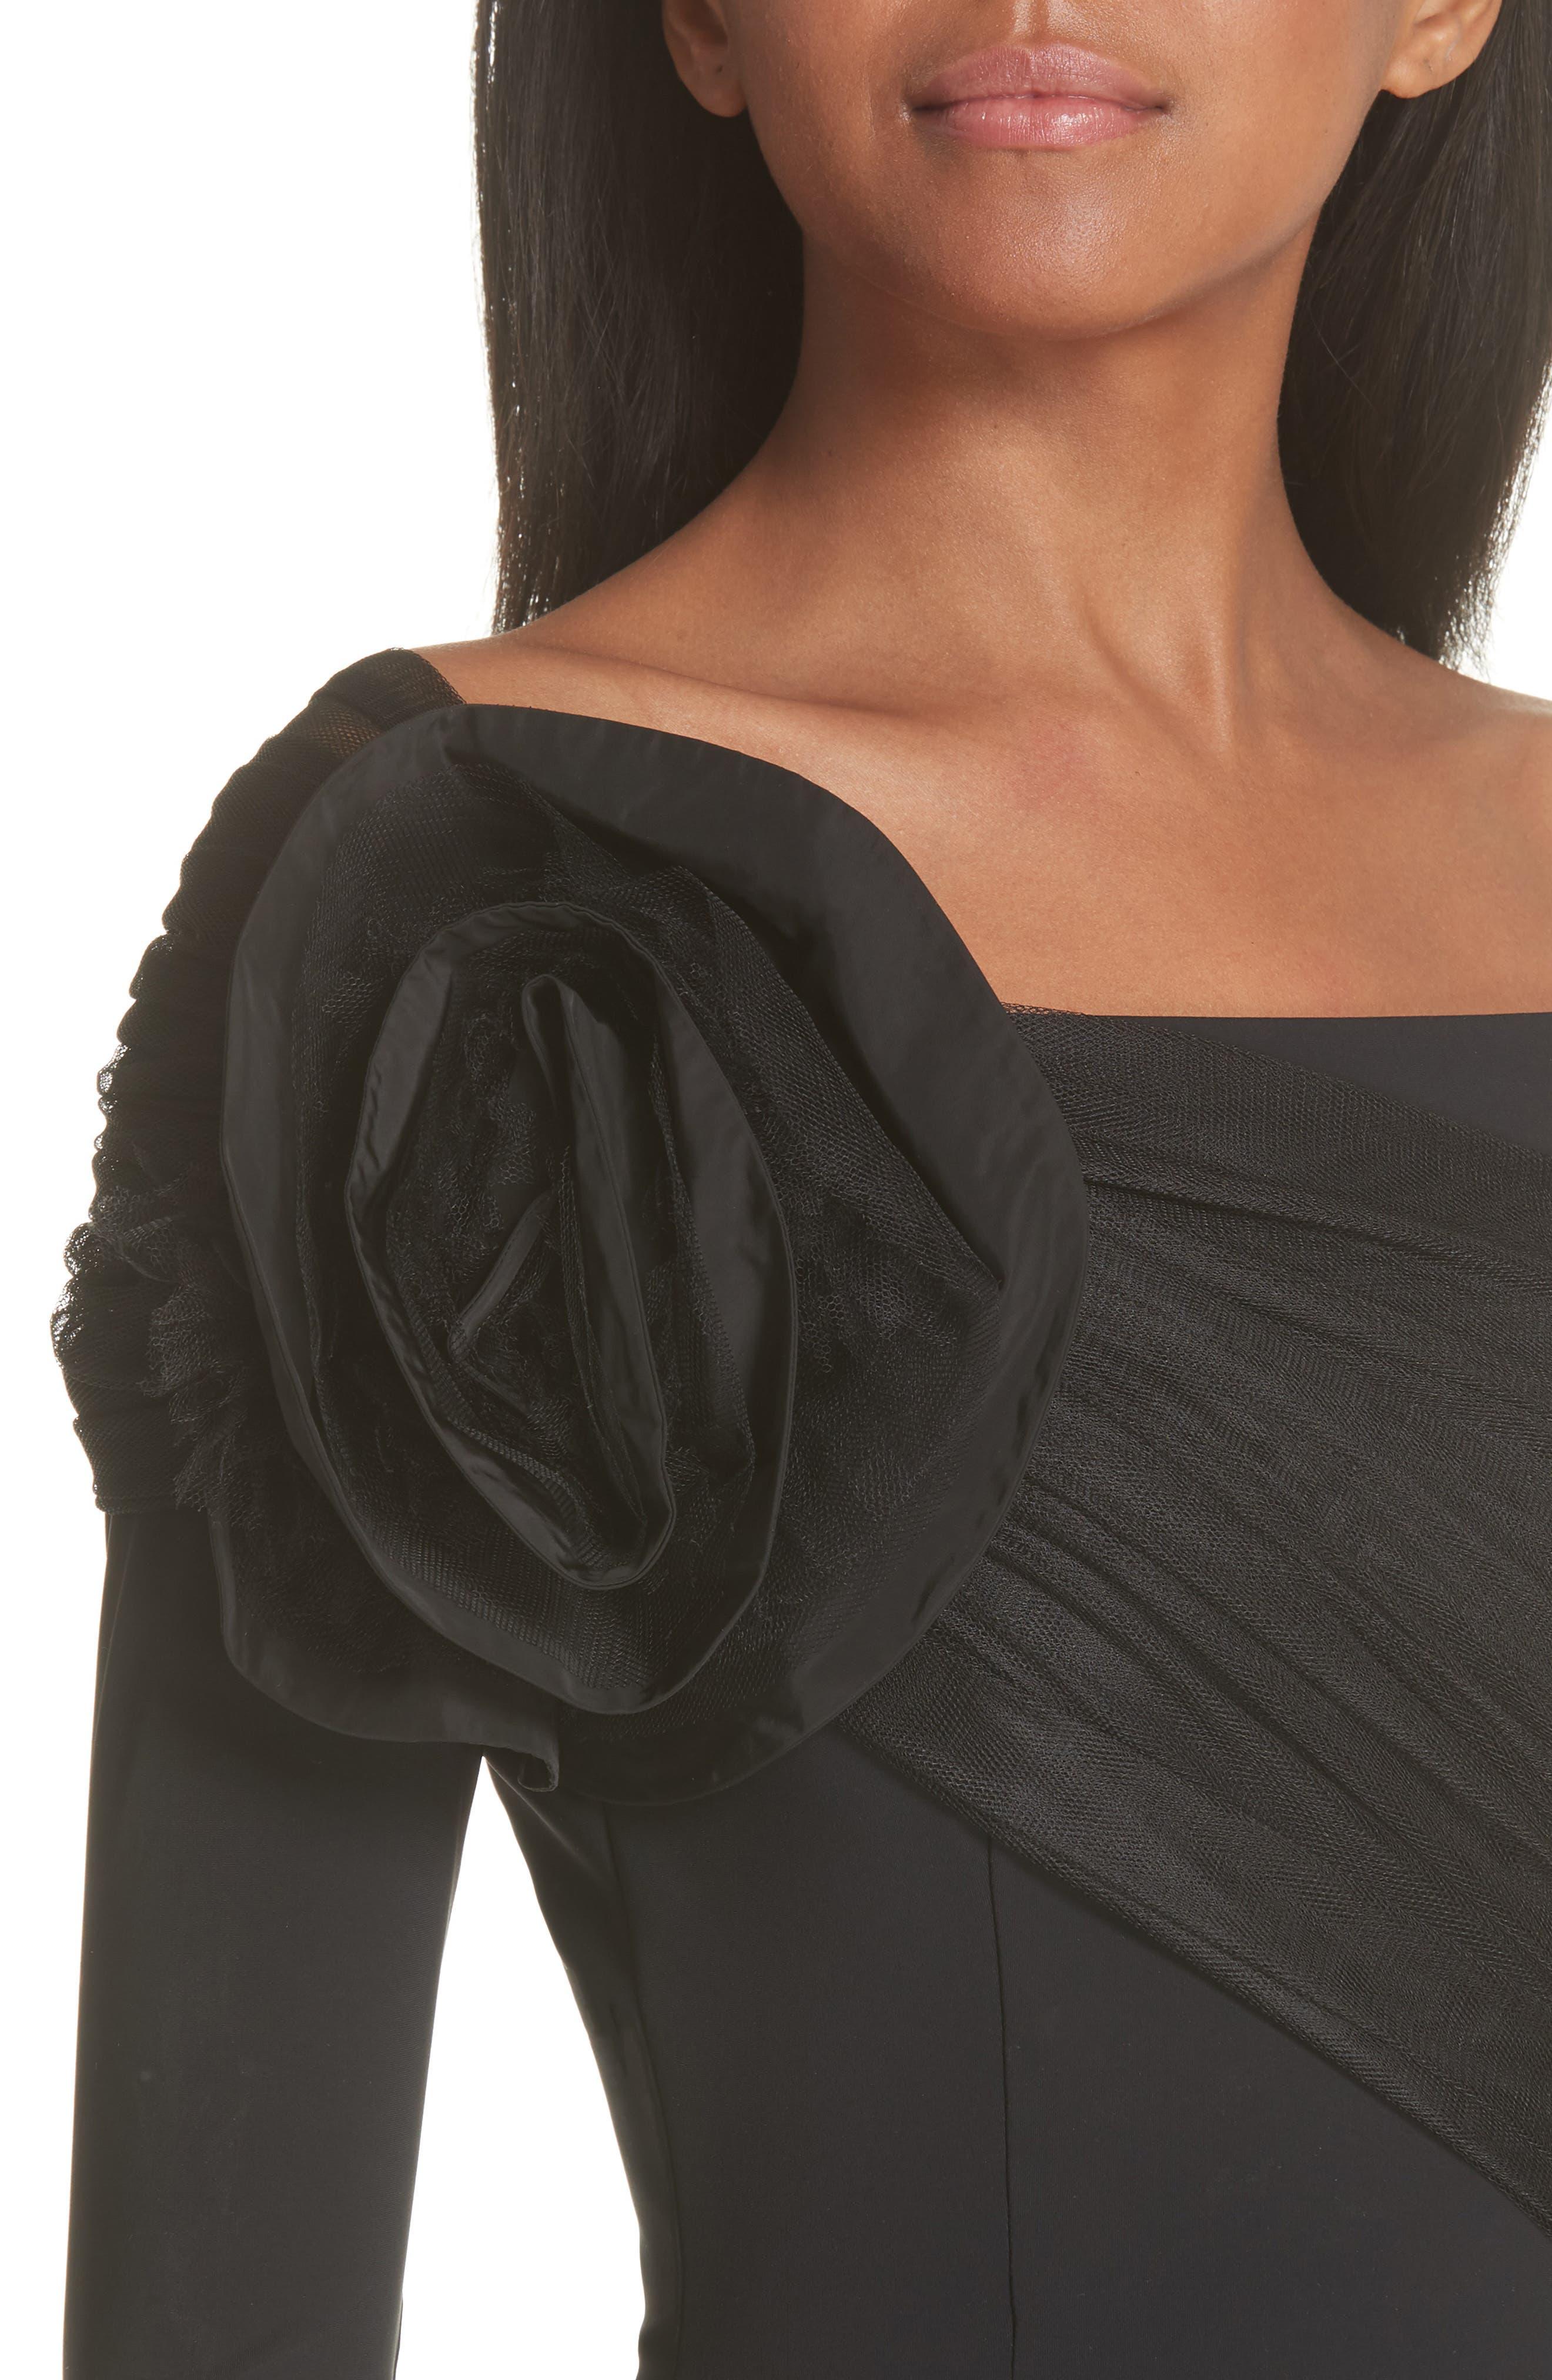 CHIARA BONI LA PETITE ROBE, Altyn Taffeta Rose Cocktail Dress, Alternate thumbnail 5, color, BLACK